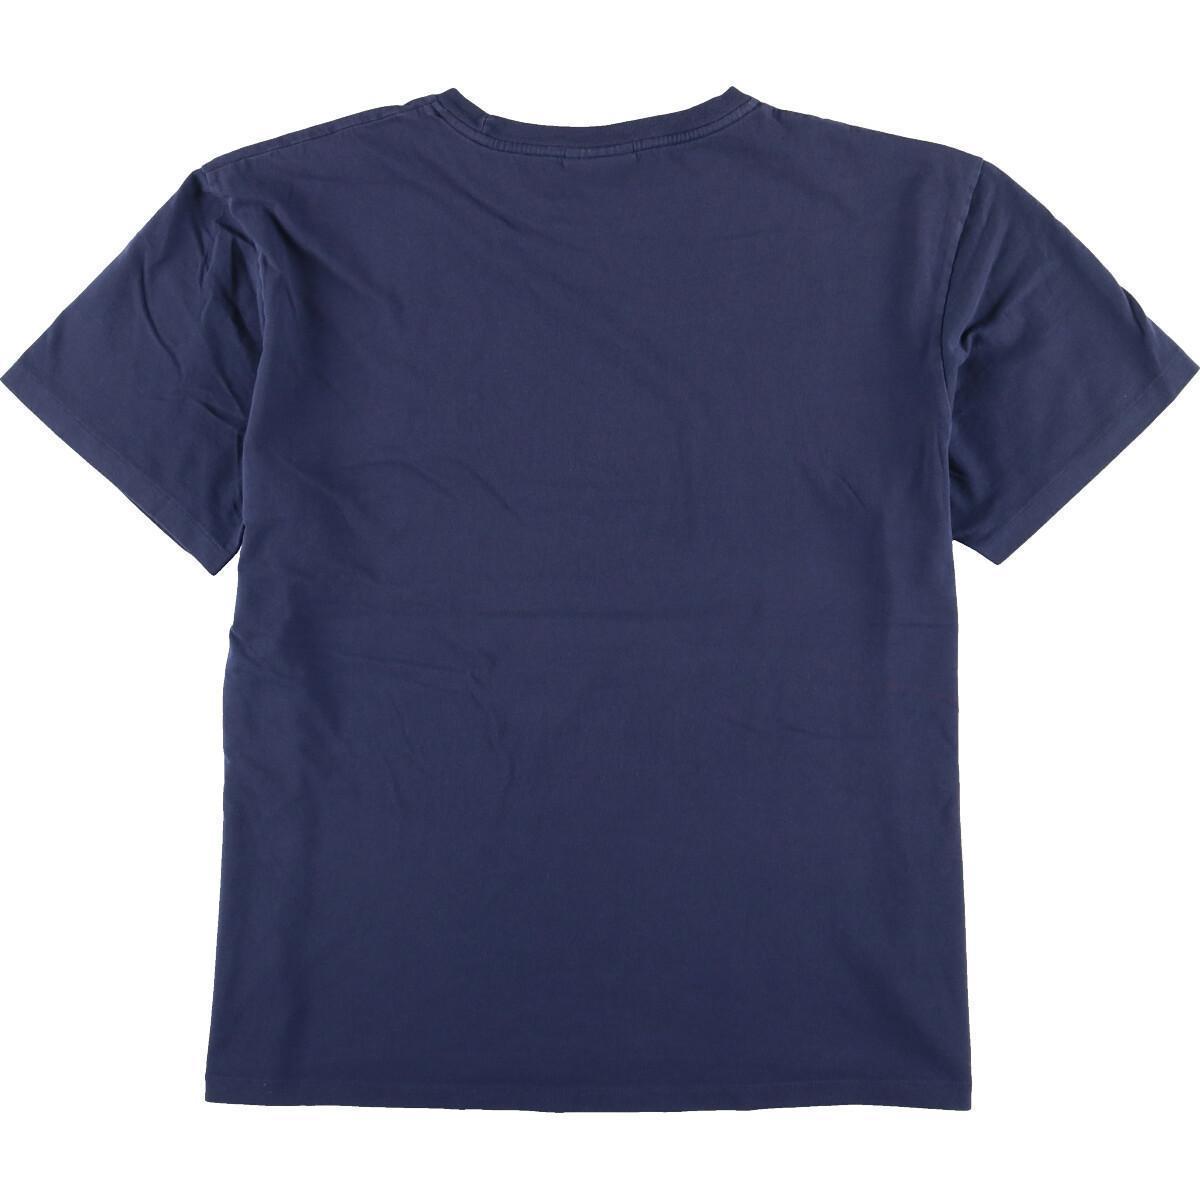 ラルフローレン Ralph Lauren POLO by Ralph Lauren 半袖 ワンポイントロゴTシャツ メンズL /eaa167039_画像2